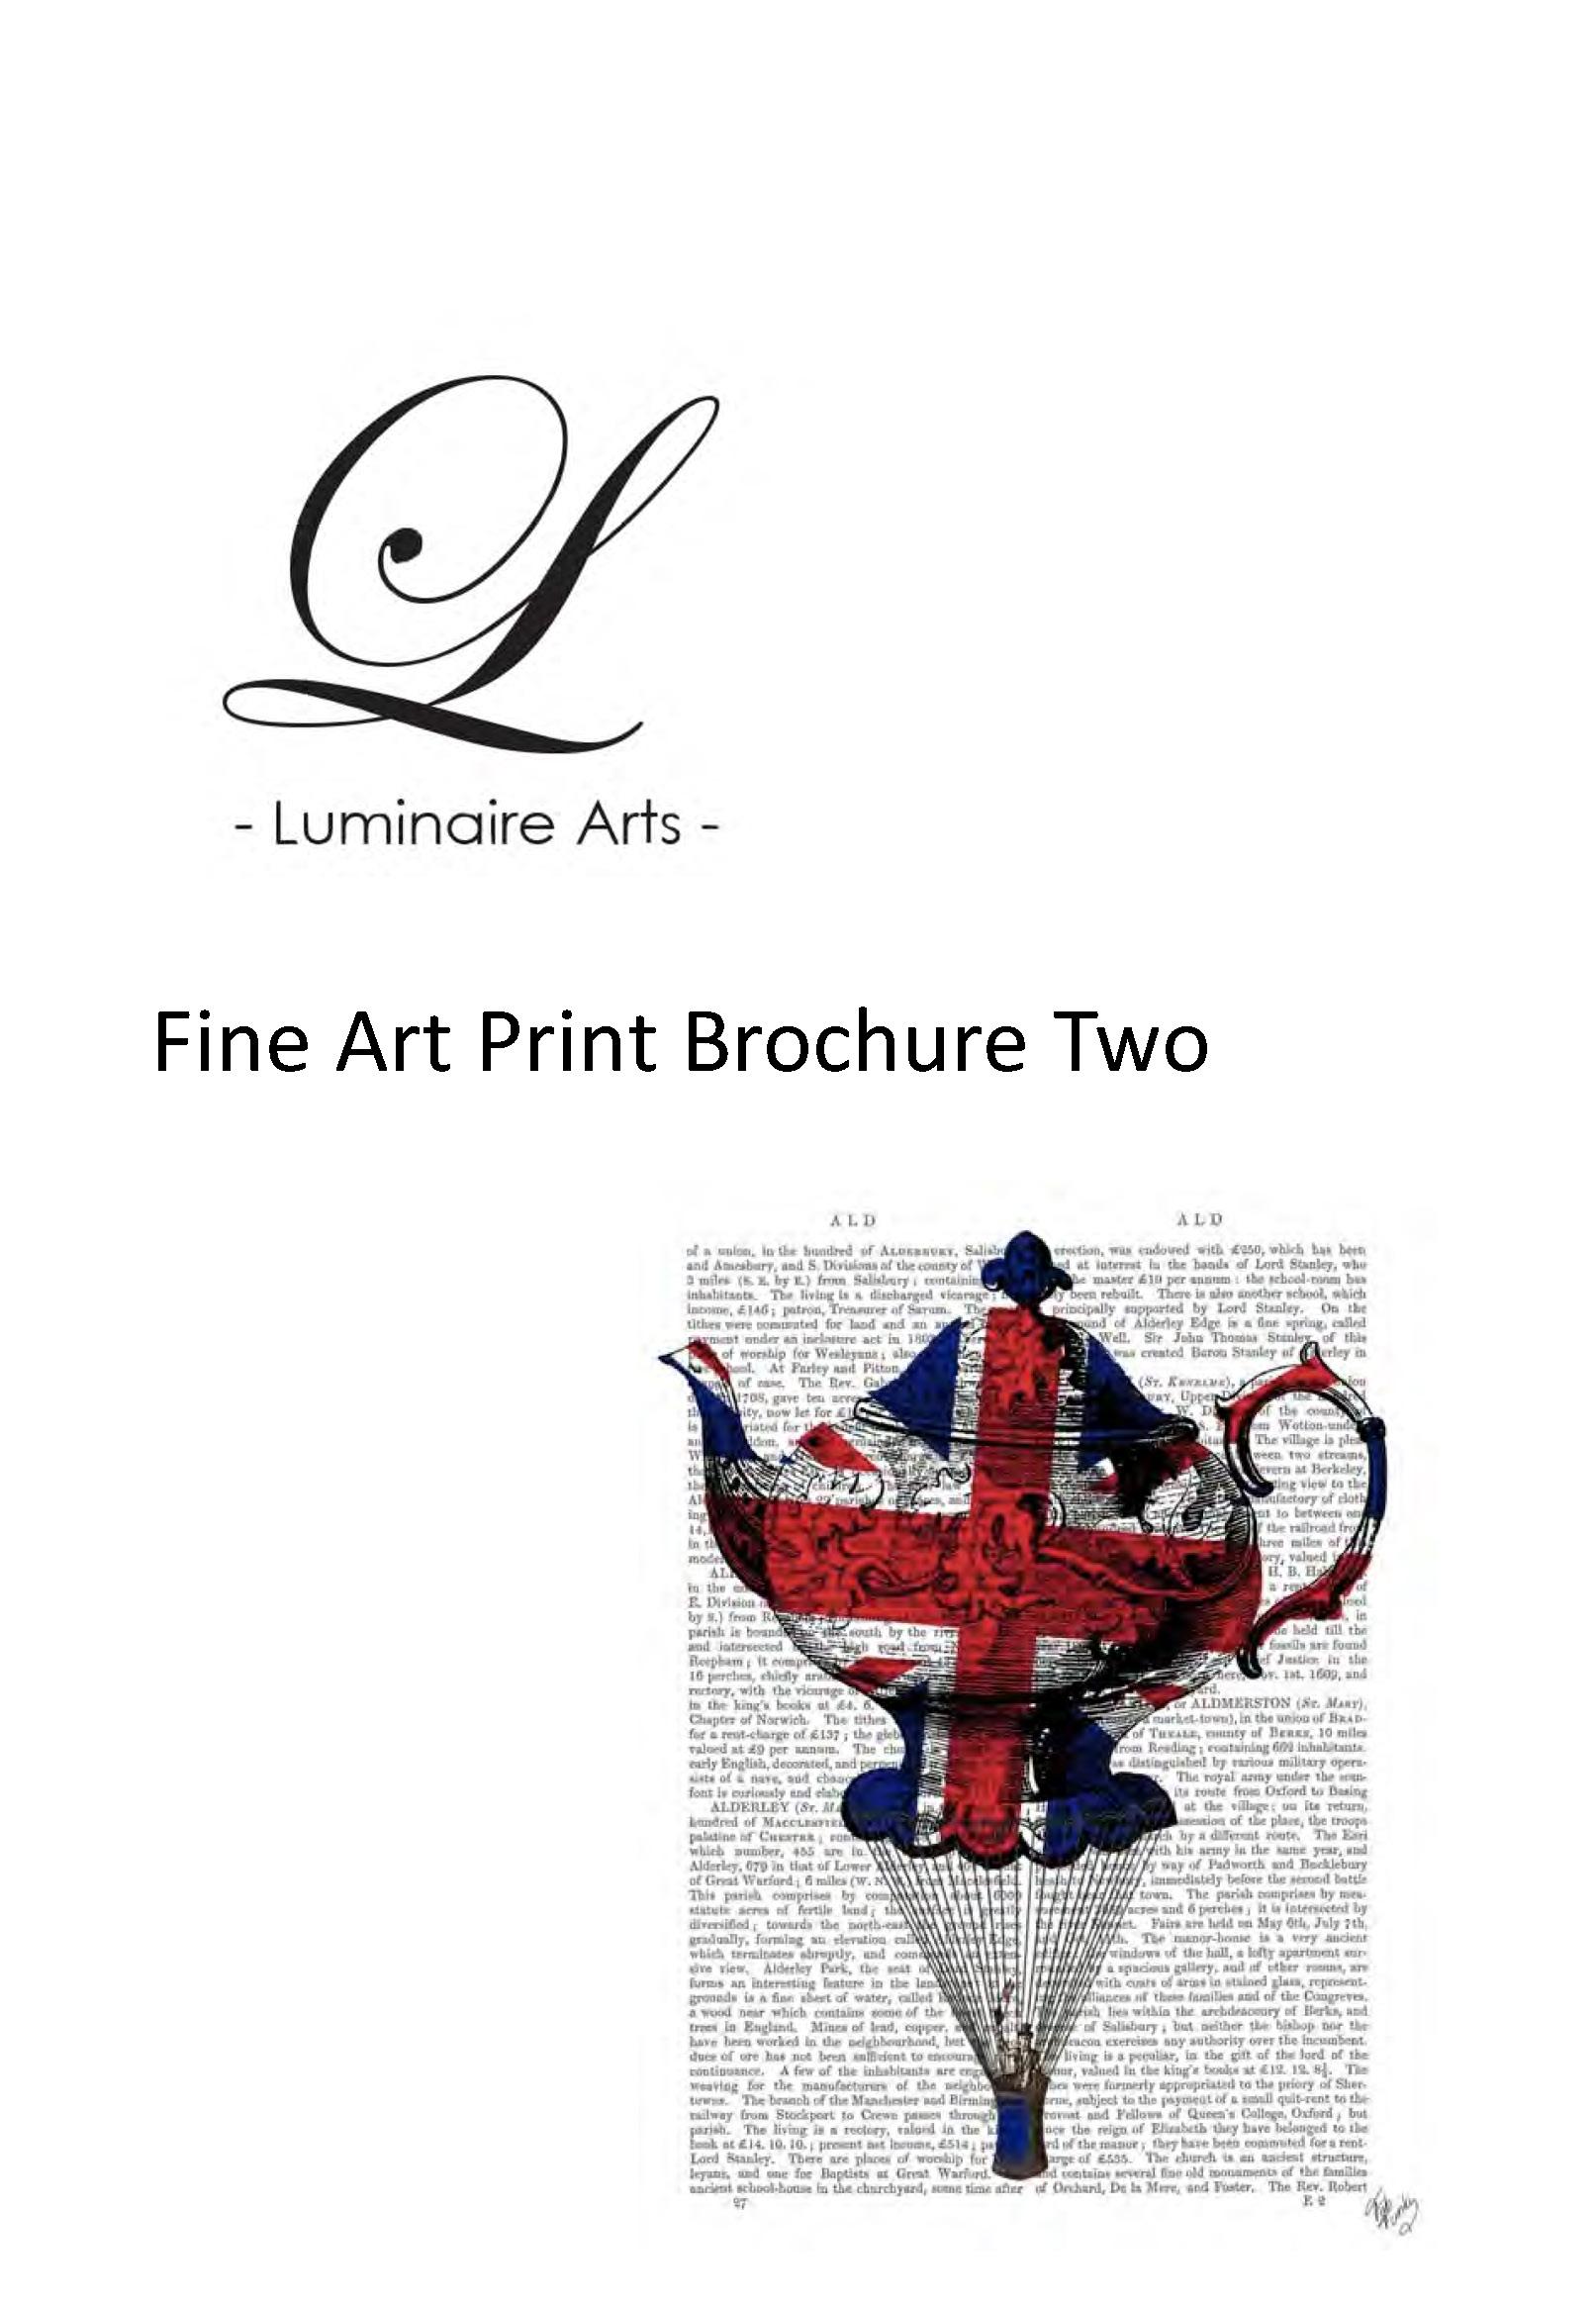 Fine Art Prints II